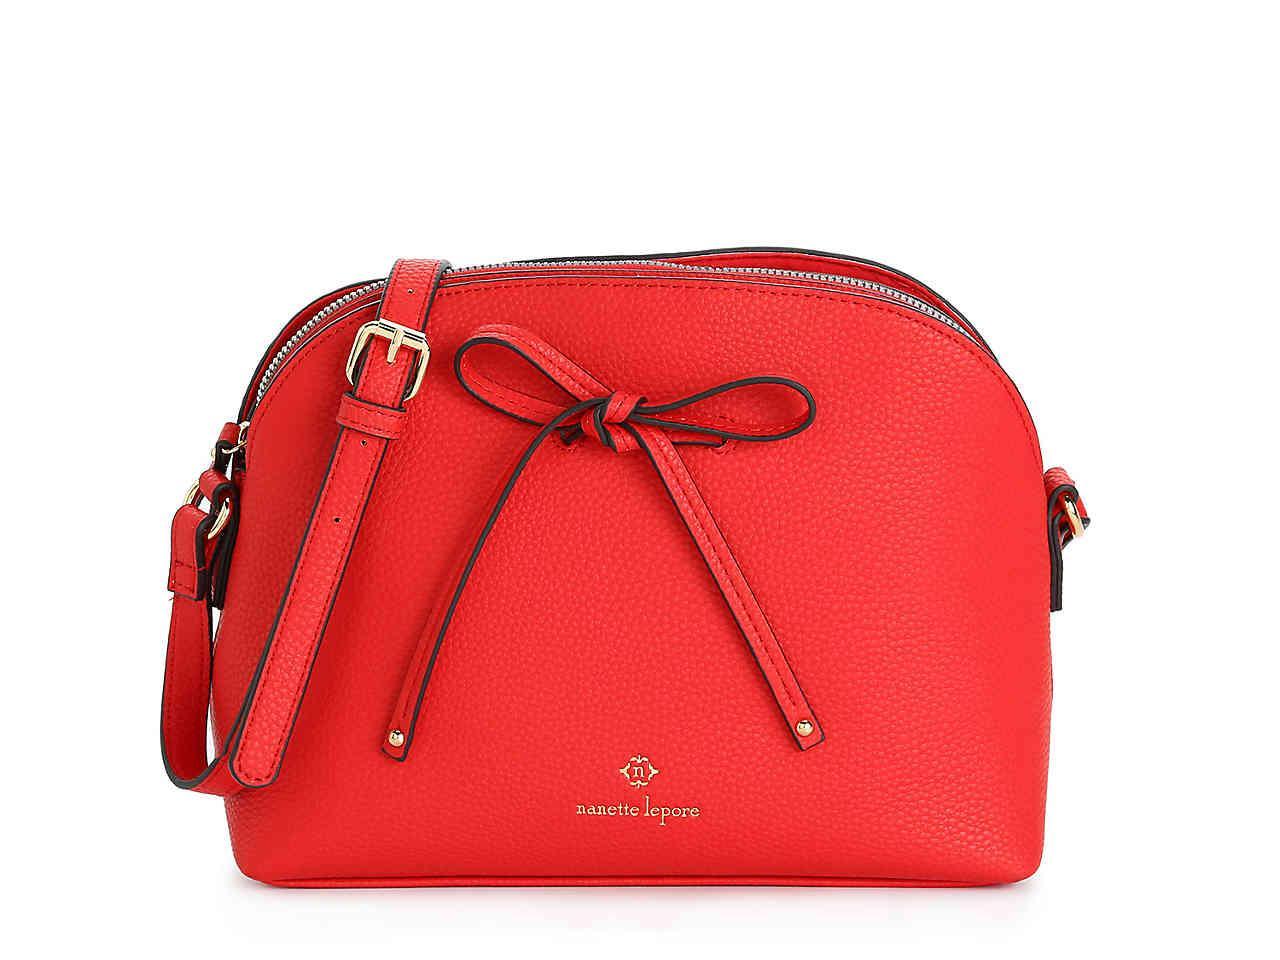 896136df09 Lyst - Nanette Lepore Arabelle Crossbody Bag in Red